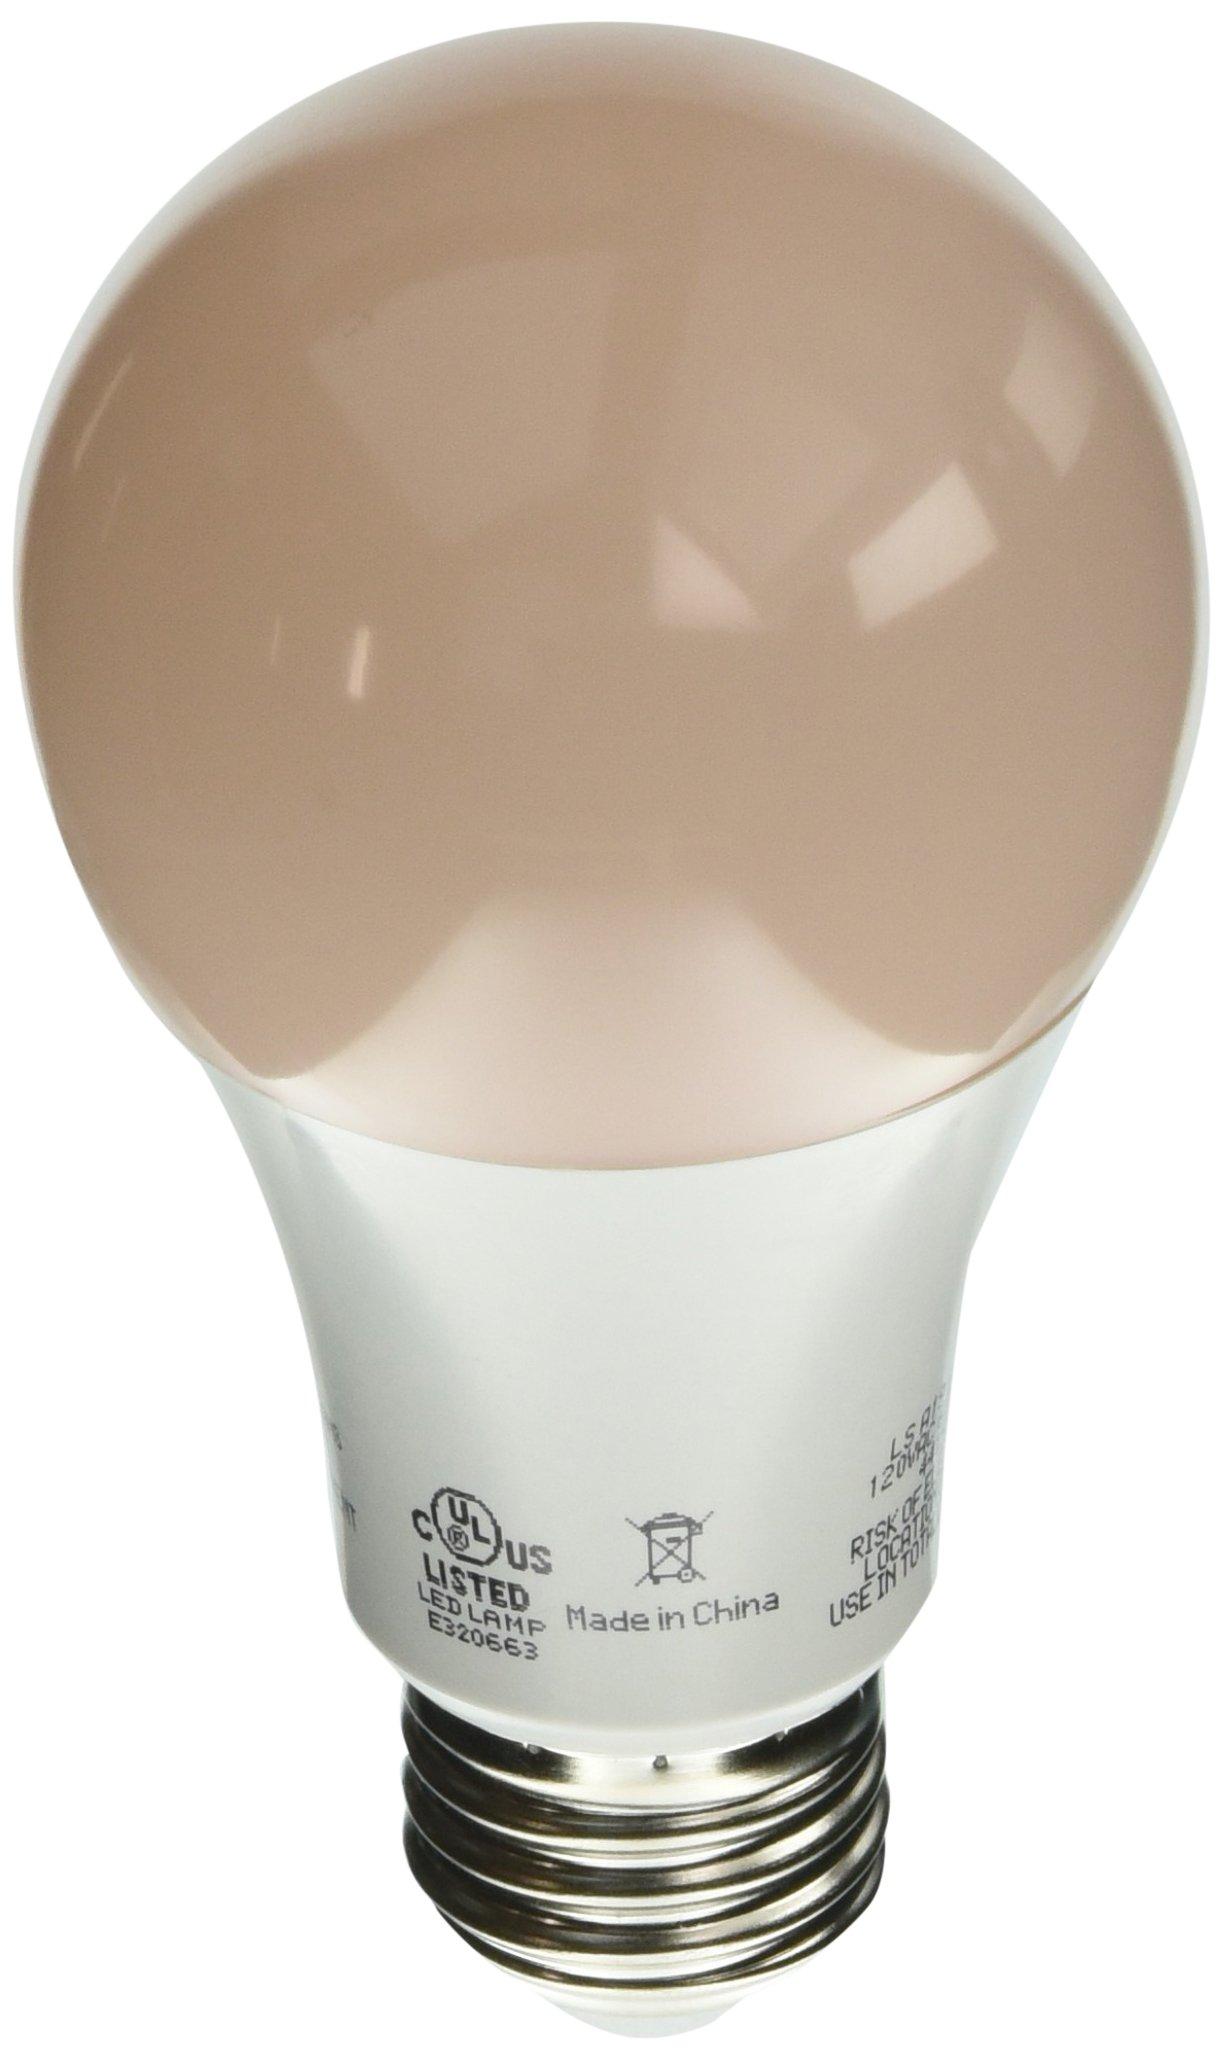 Lighting Science FG-02263 Good Night LED Household Light Bulbs